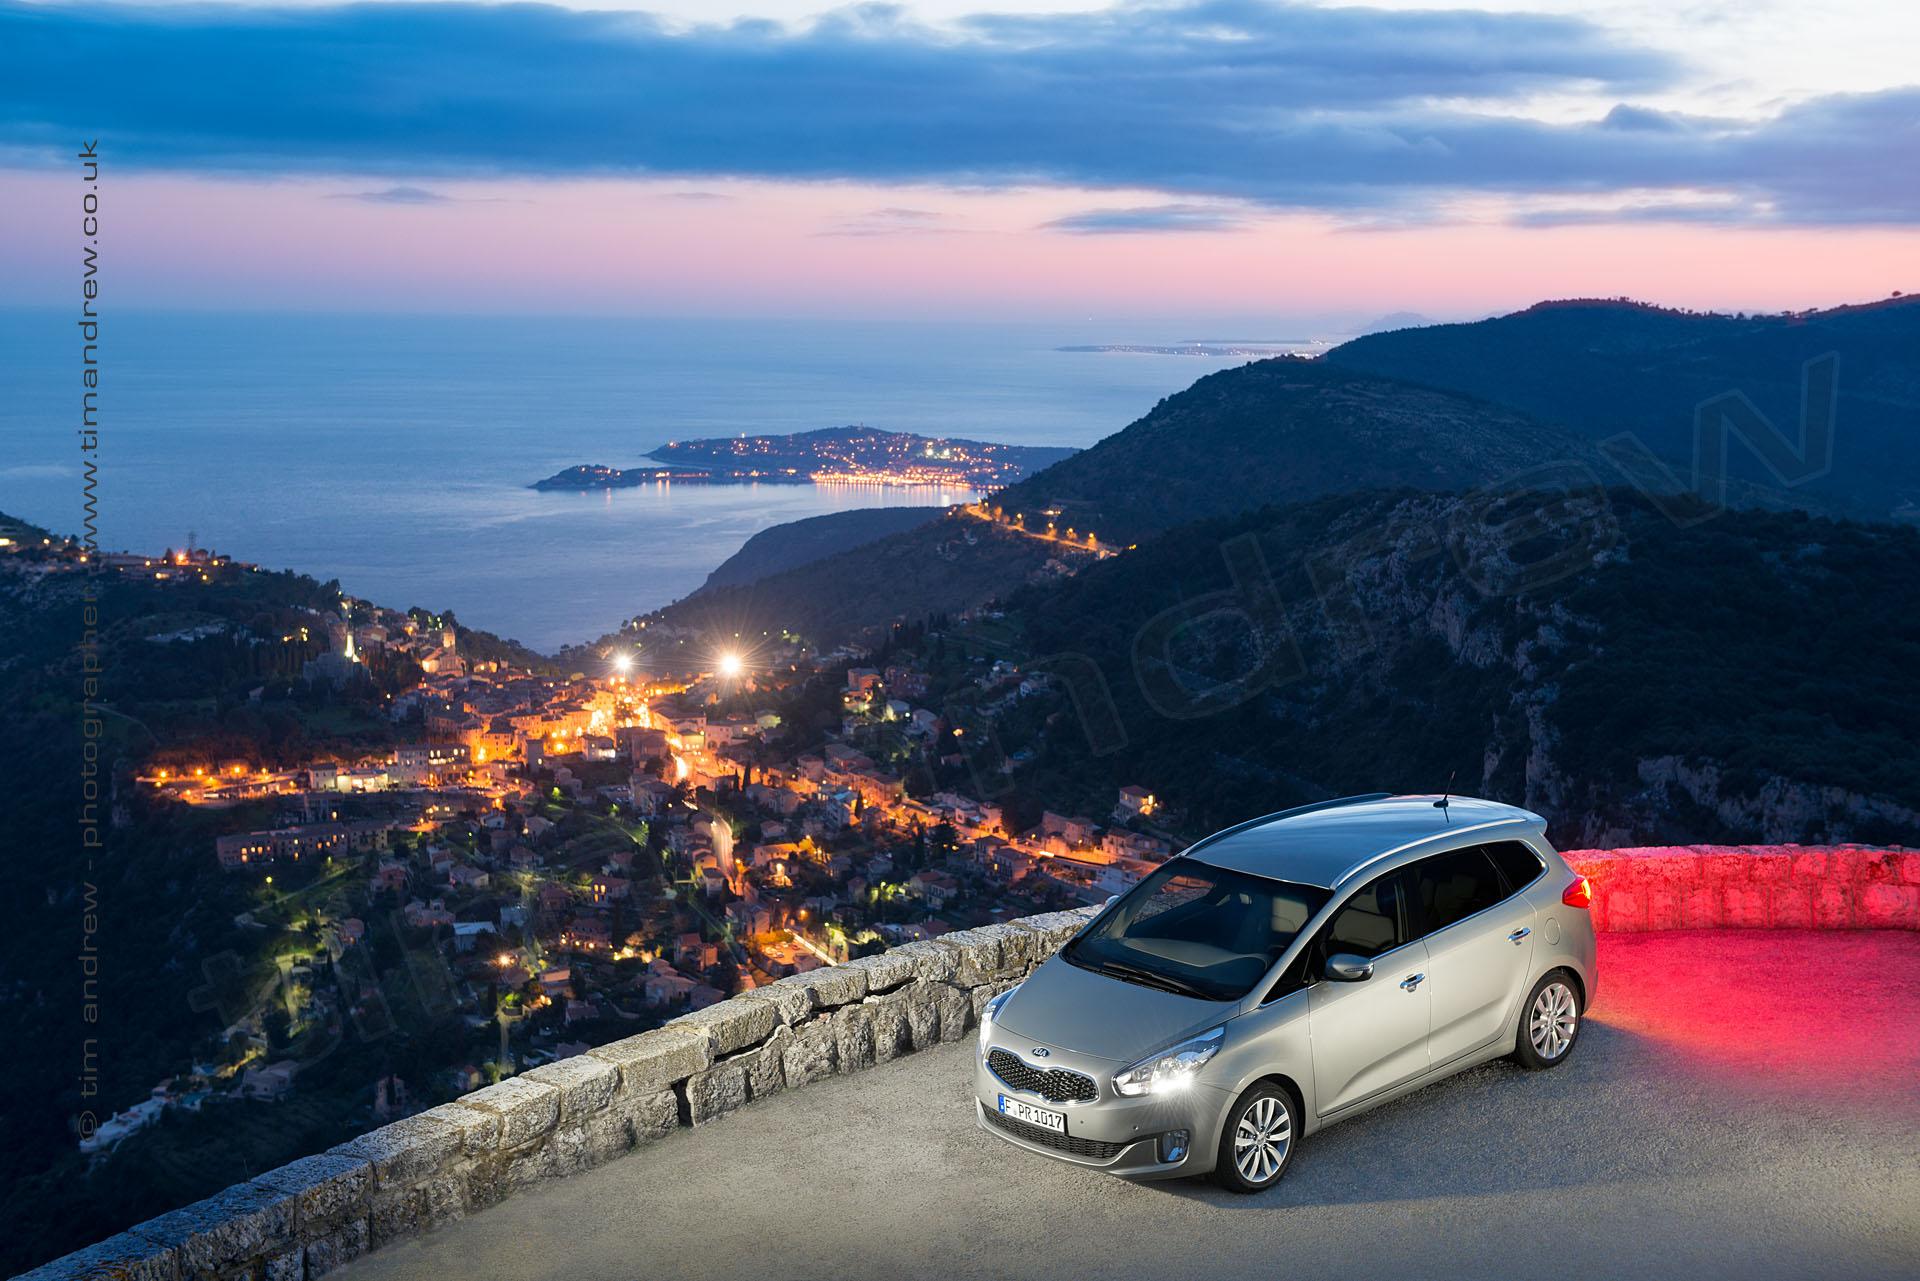 Kia Carens in Monte Carlo